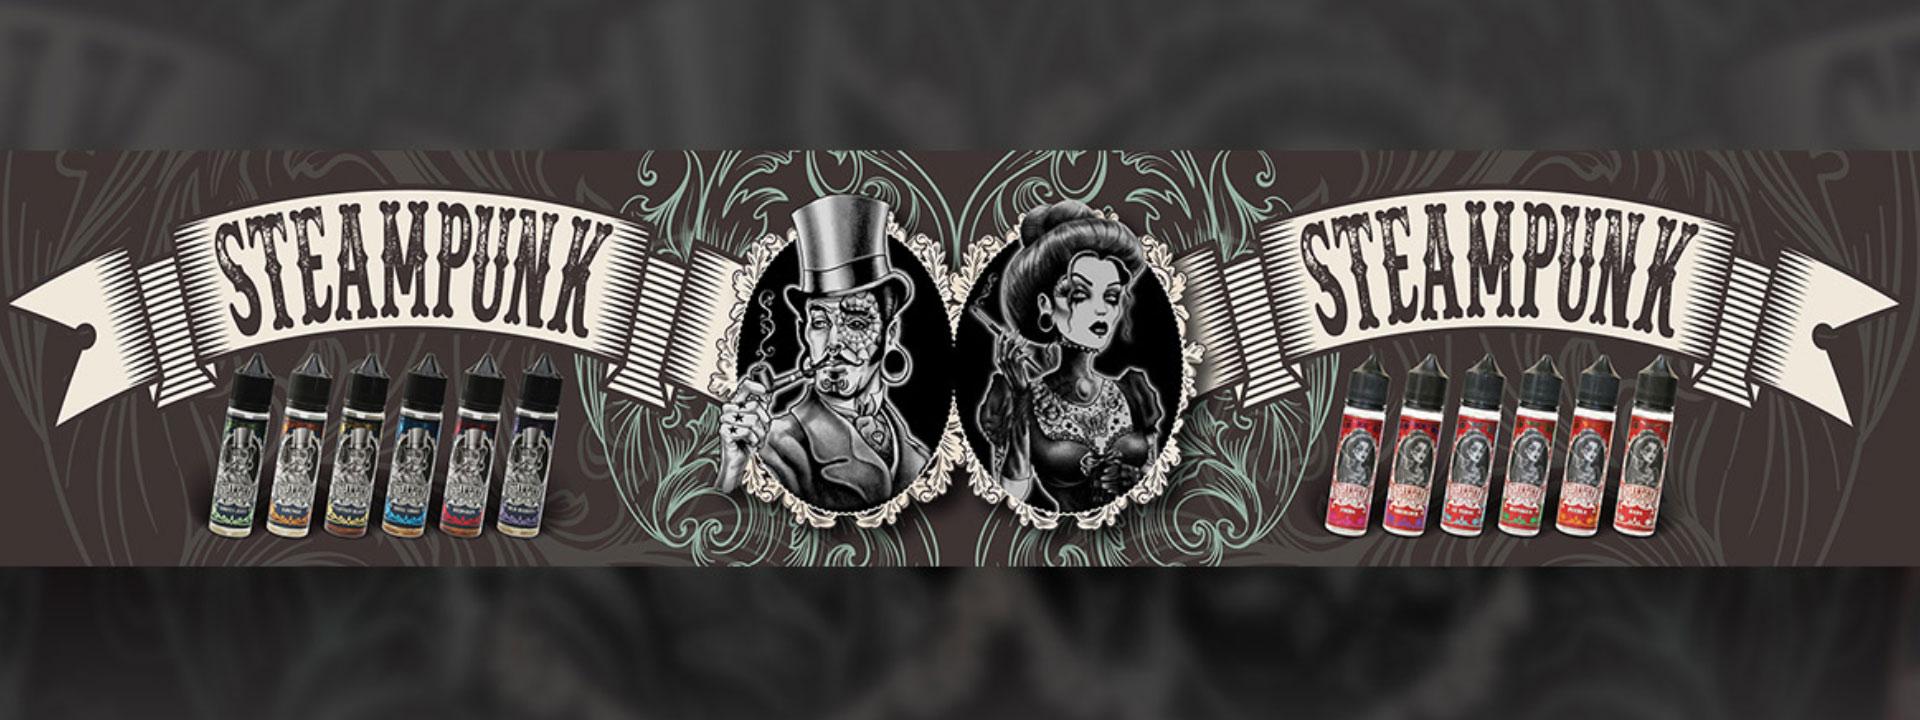 steampunk-banner